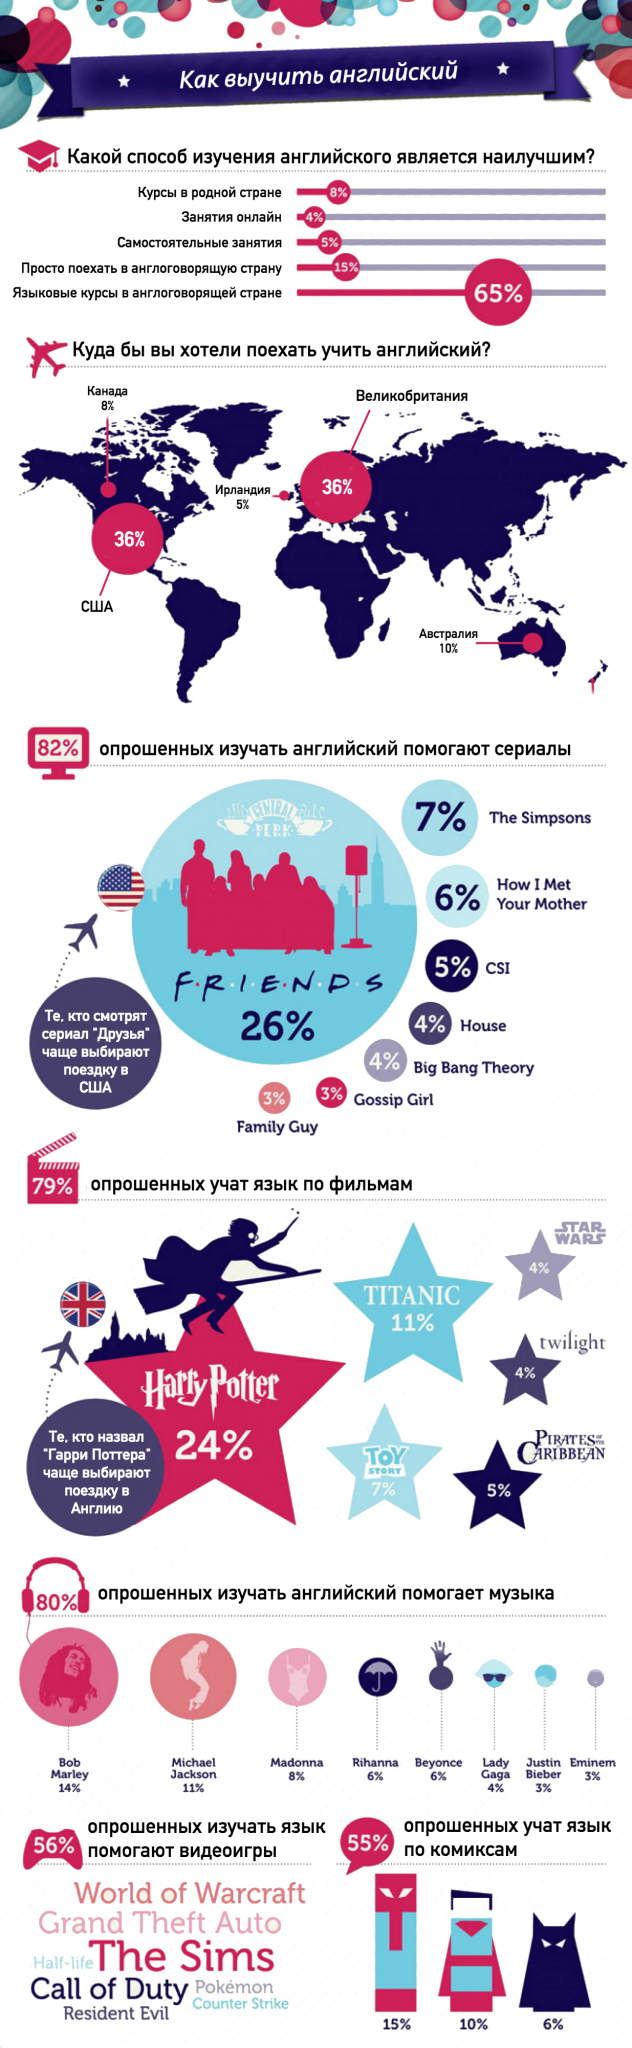 Как лучше учить английский: инфографика Kaplan